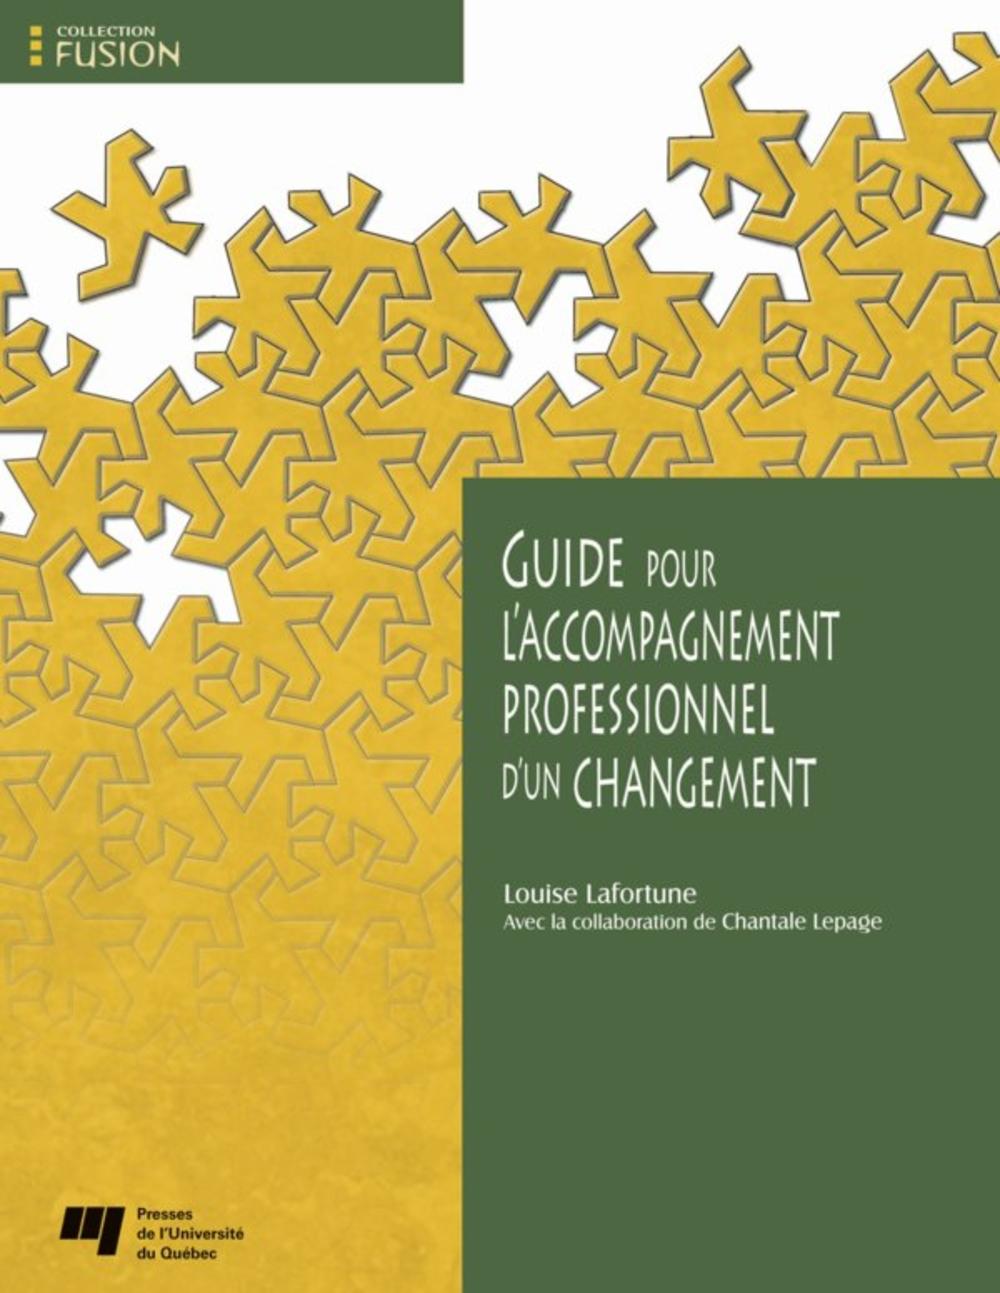 Guide pour l'accompagnement professionnel d'un changement